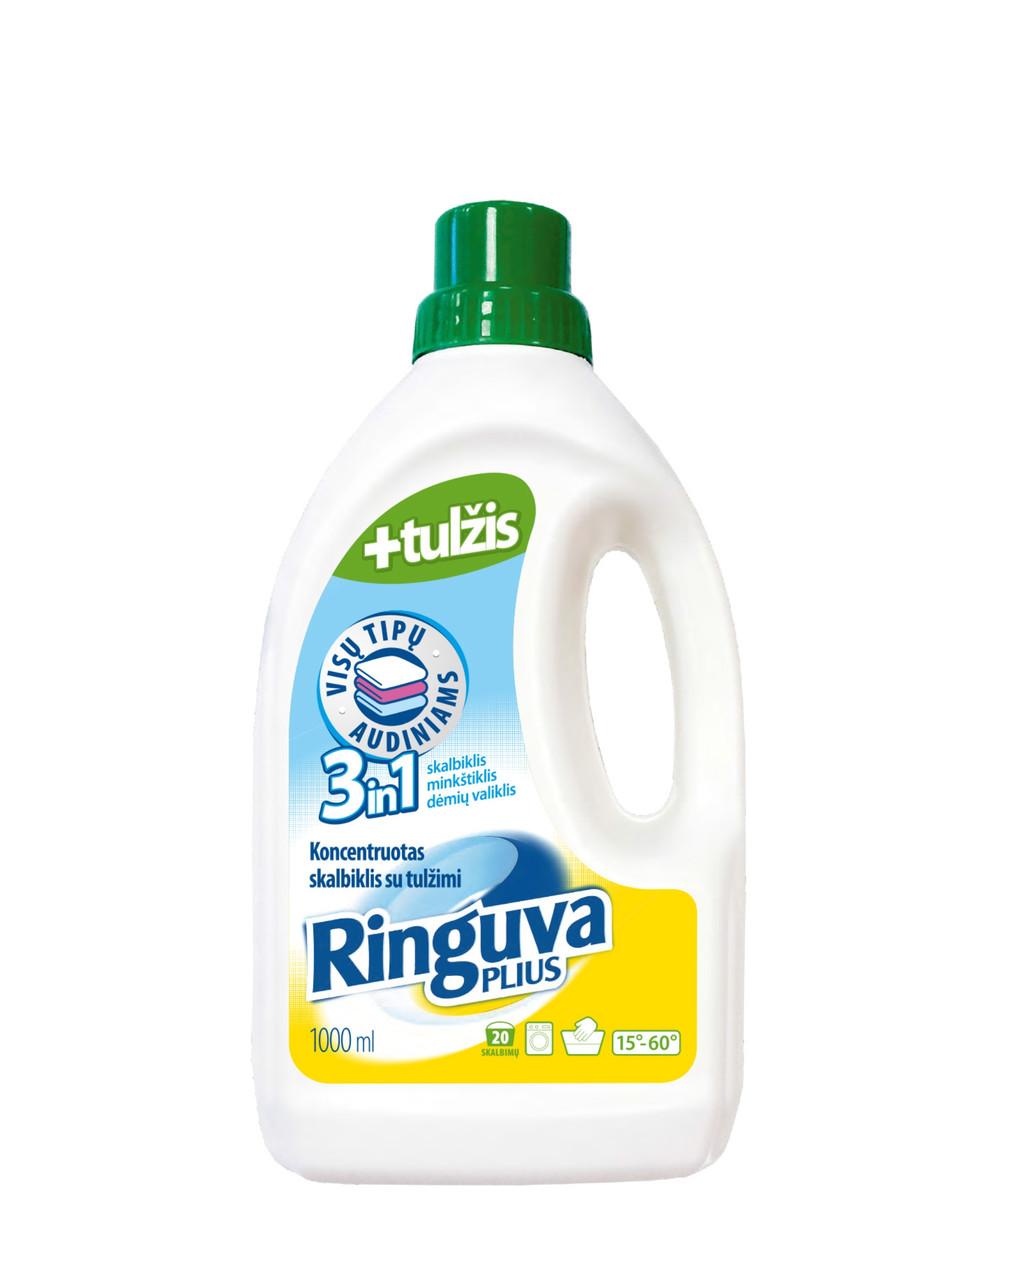 Жидкое средство для стирки Ringuva Plus 3в1 1 л